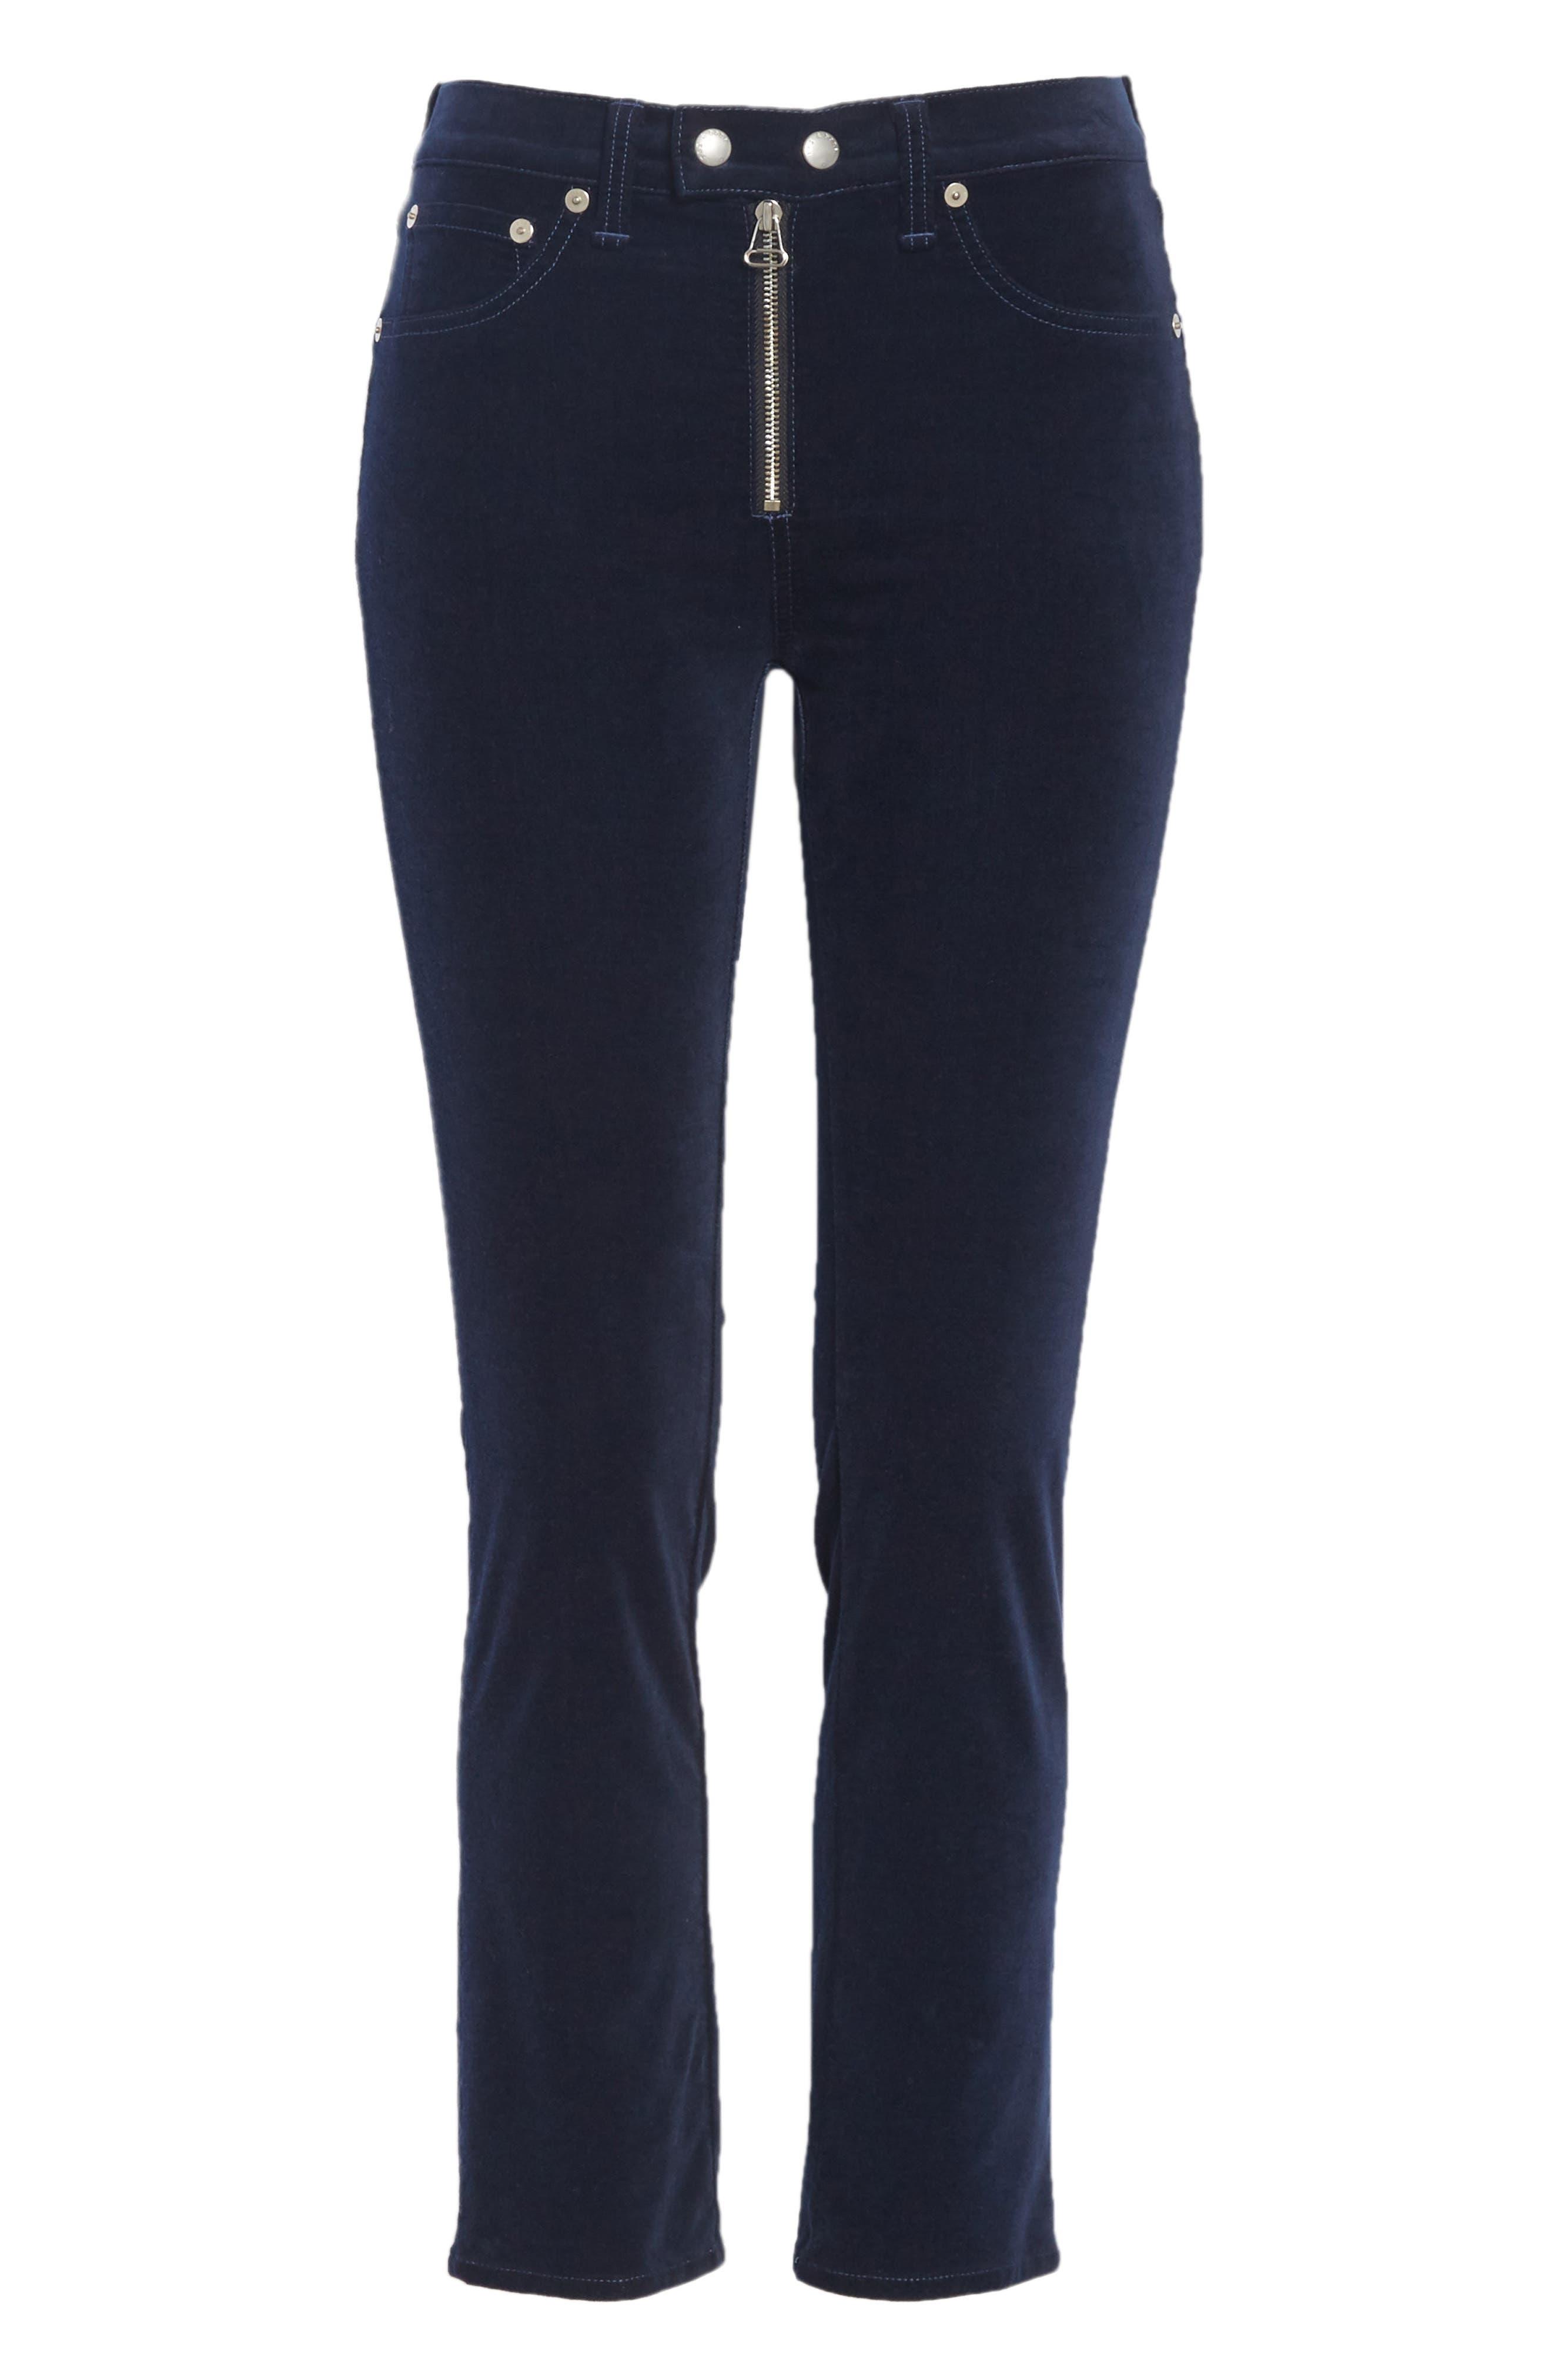 Dojo High Waist Velvet Crop Skinny Pants,                             Alternate thumbnail 6, color,                             NAVY